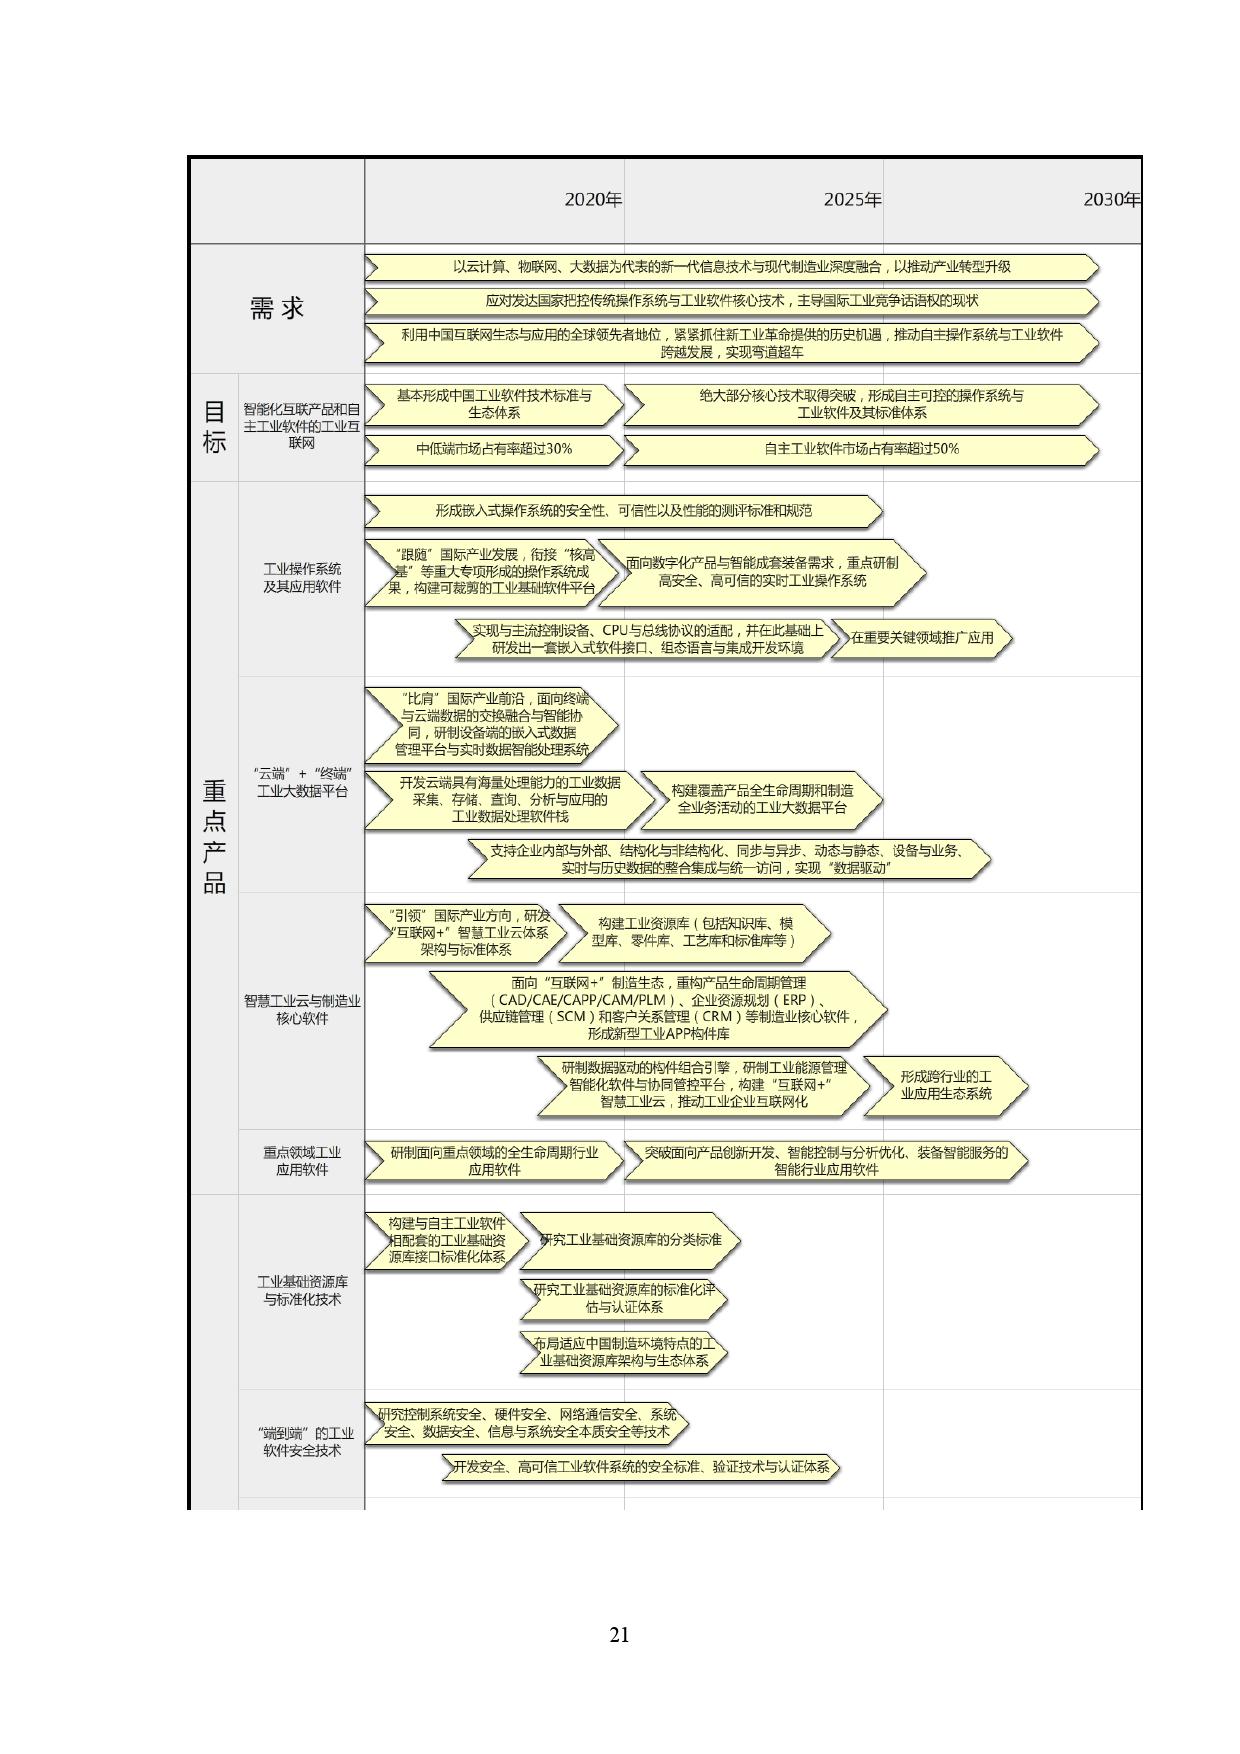 《中国制造 2025》重点领域技术路线图_000027